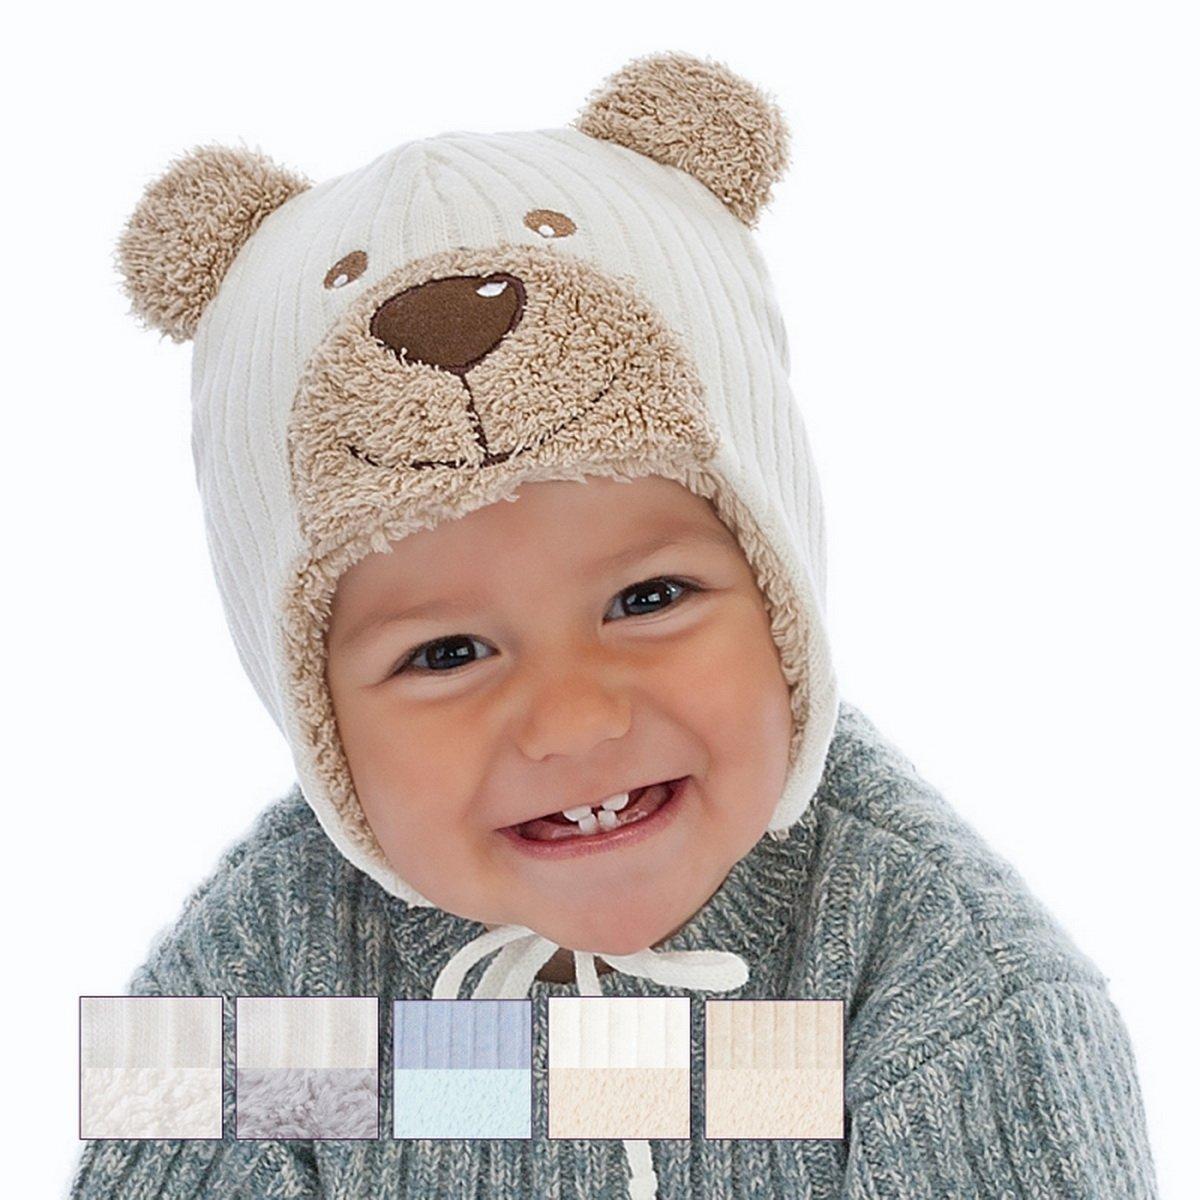 Baby Boy Boys Infant Hat Autumn Winter Warm Kids Cap 0-12 mths (0-2 months 38cm, Cream Brown) F.Y.